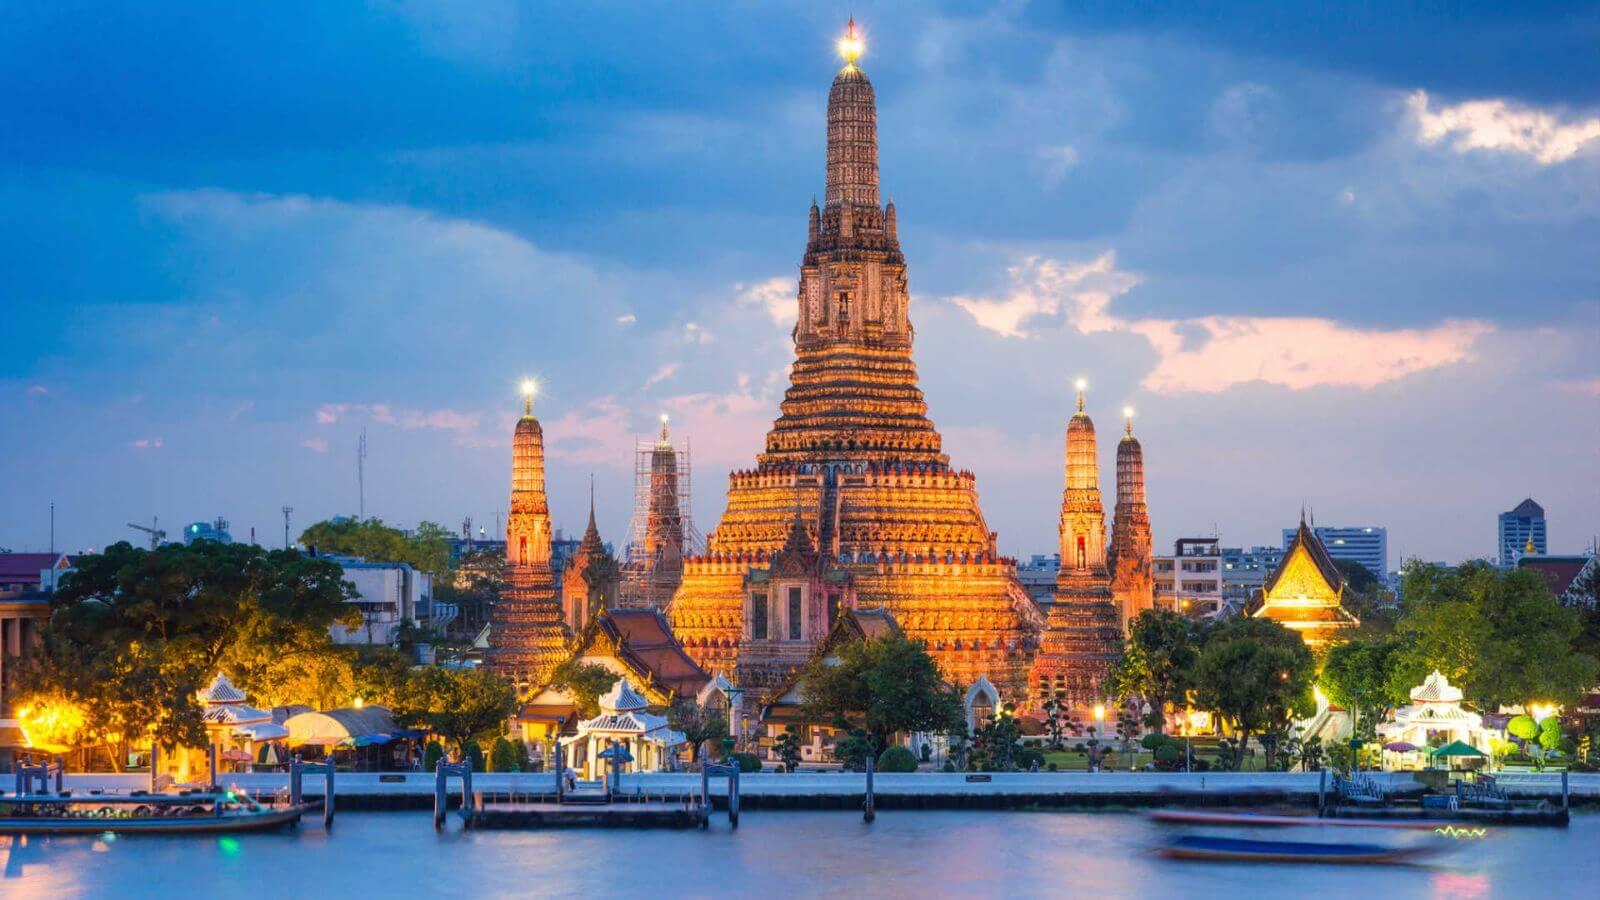 Chuyển phát nhanh mặt hàng thời trang đi Thái Lan nhanh chóng, siêu tiết kiệm